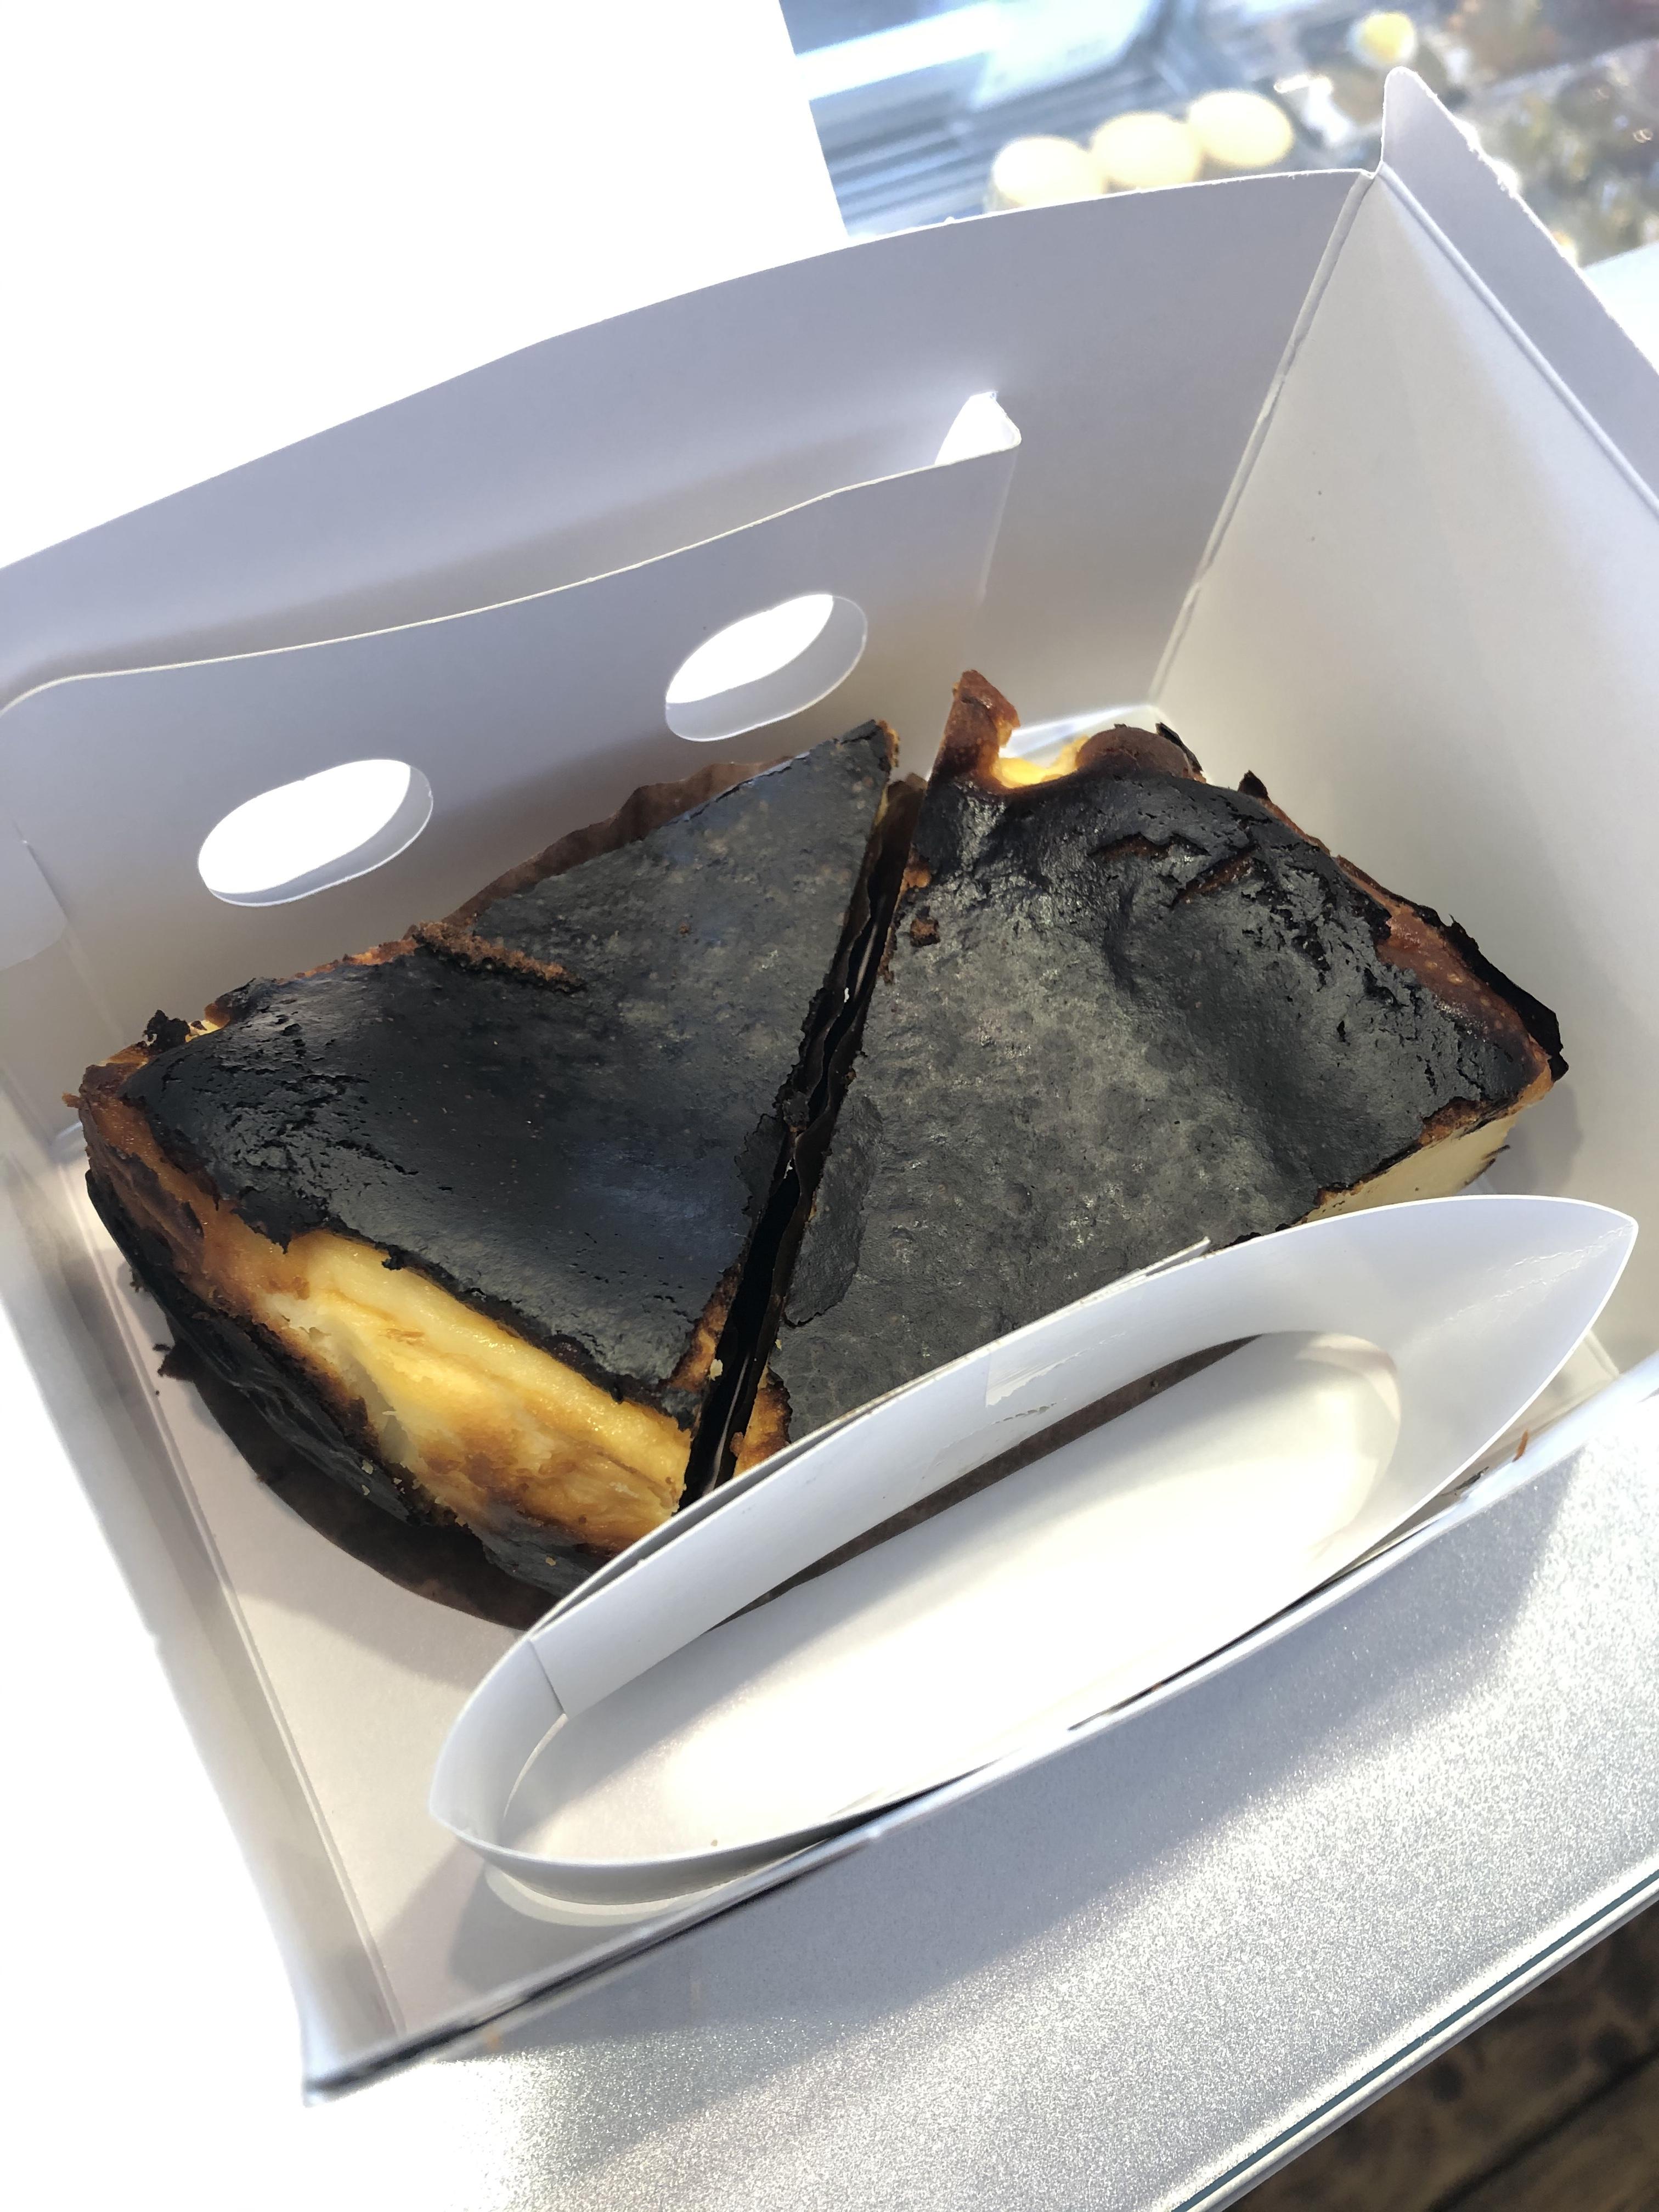 ケーキ2切セット:バスクチーズケーキ2切